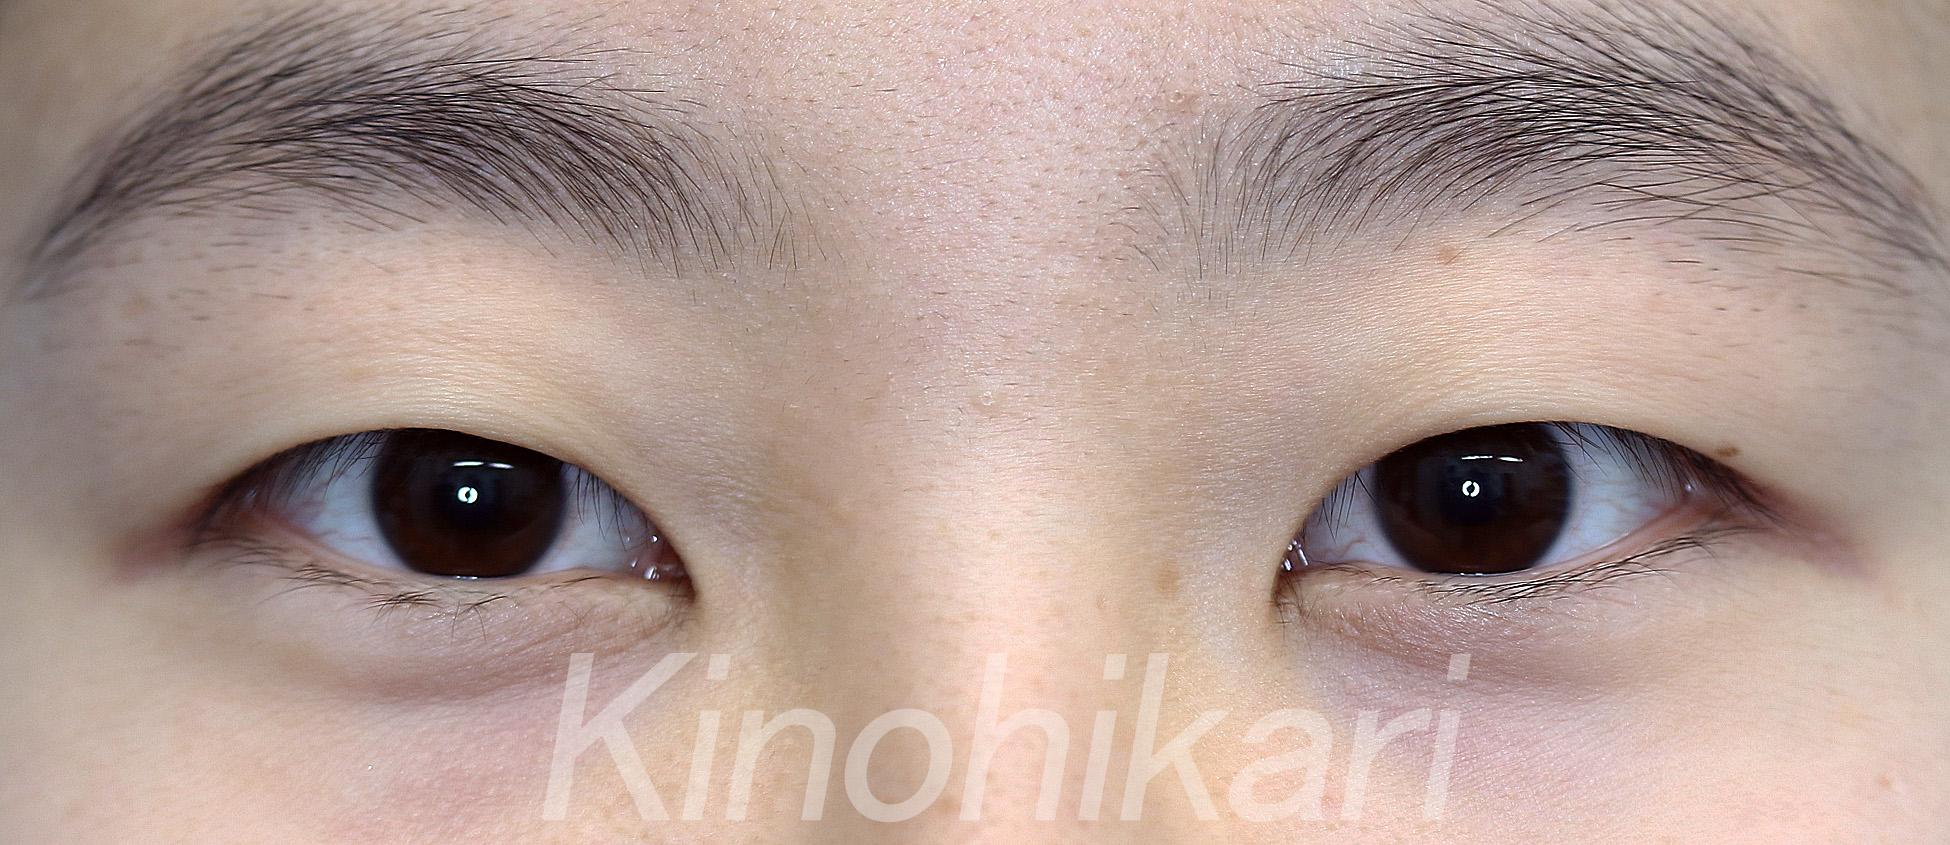 【二重埋没法】二重にすることで瞳も大きく 10代女性 【症例No.29Y030101】